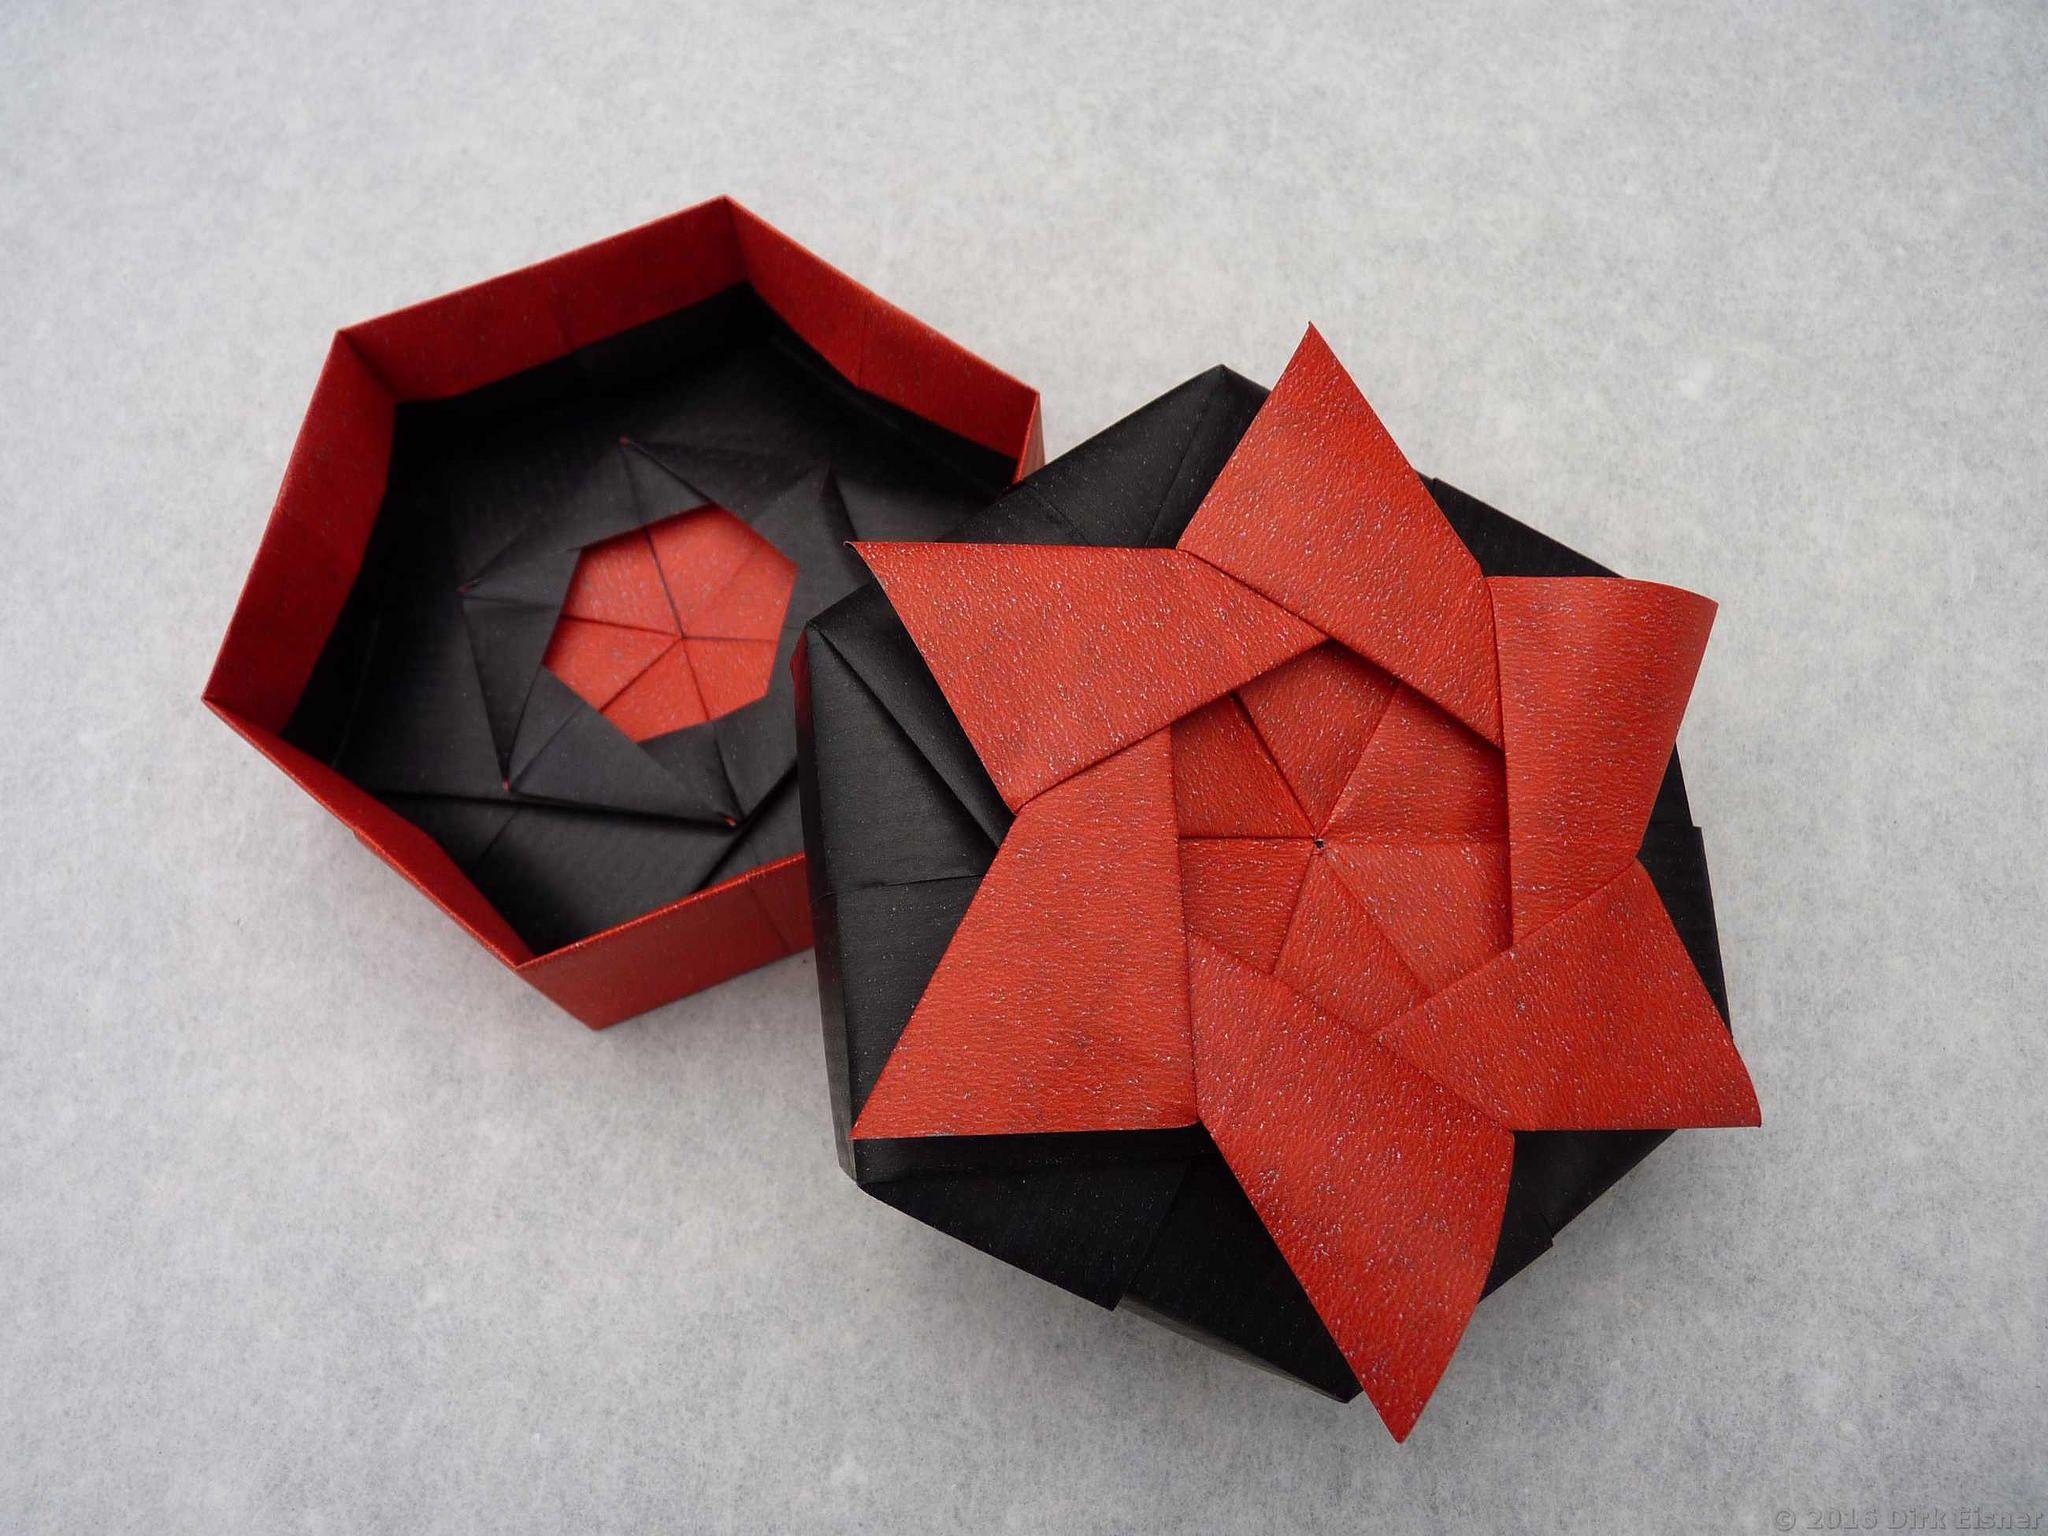 Hexagon Star Box Origami Crafts Diy Origami Origami Box